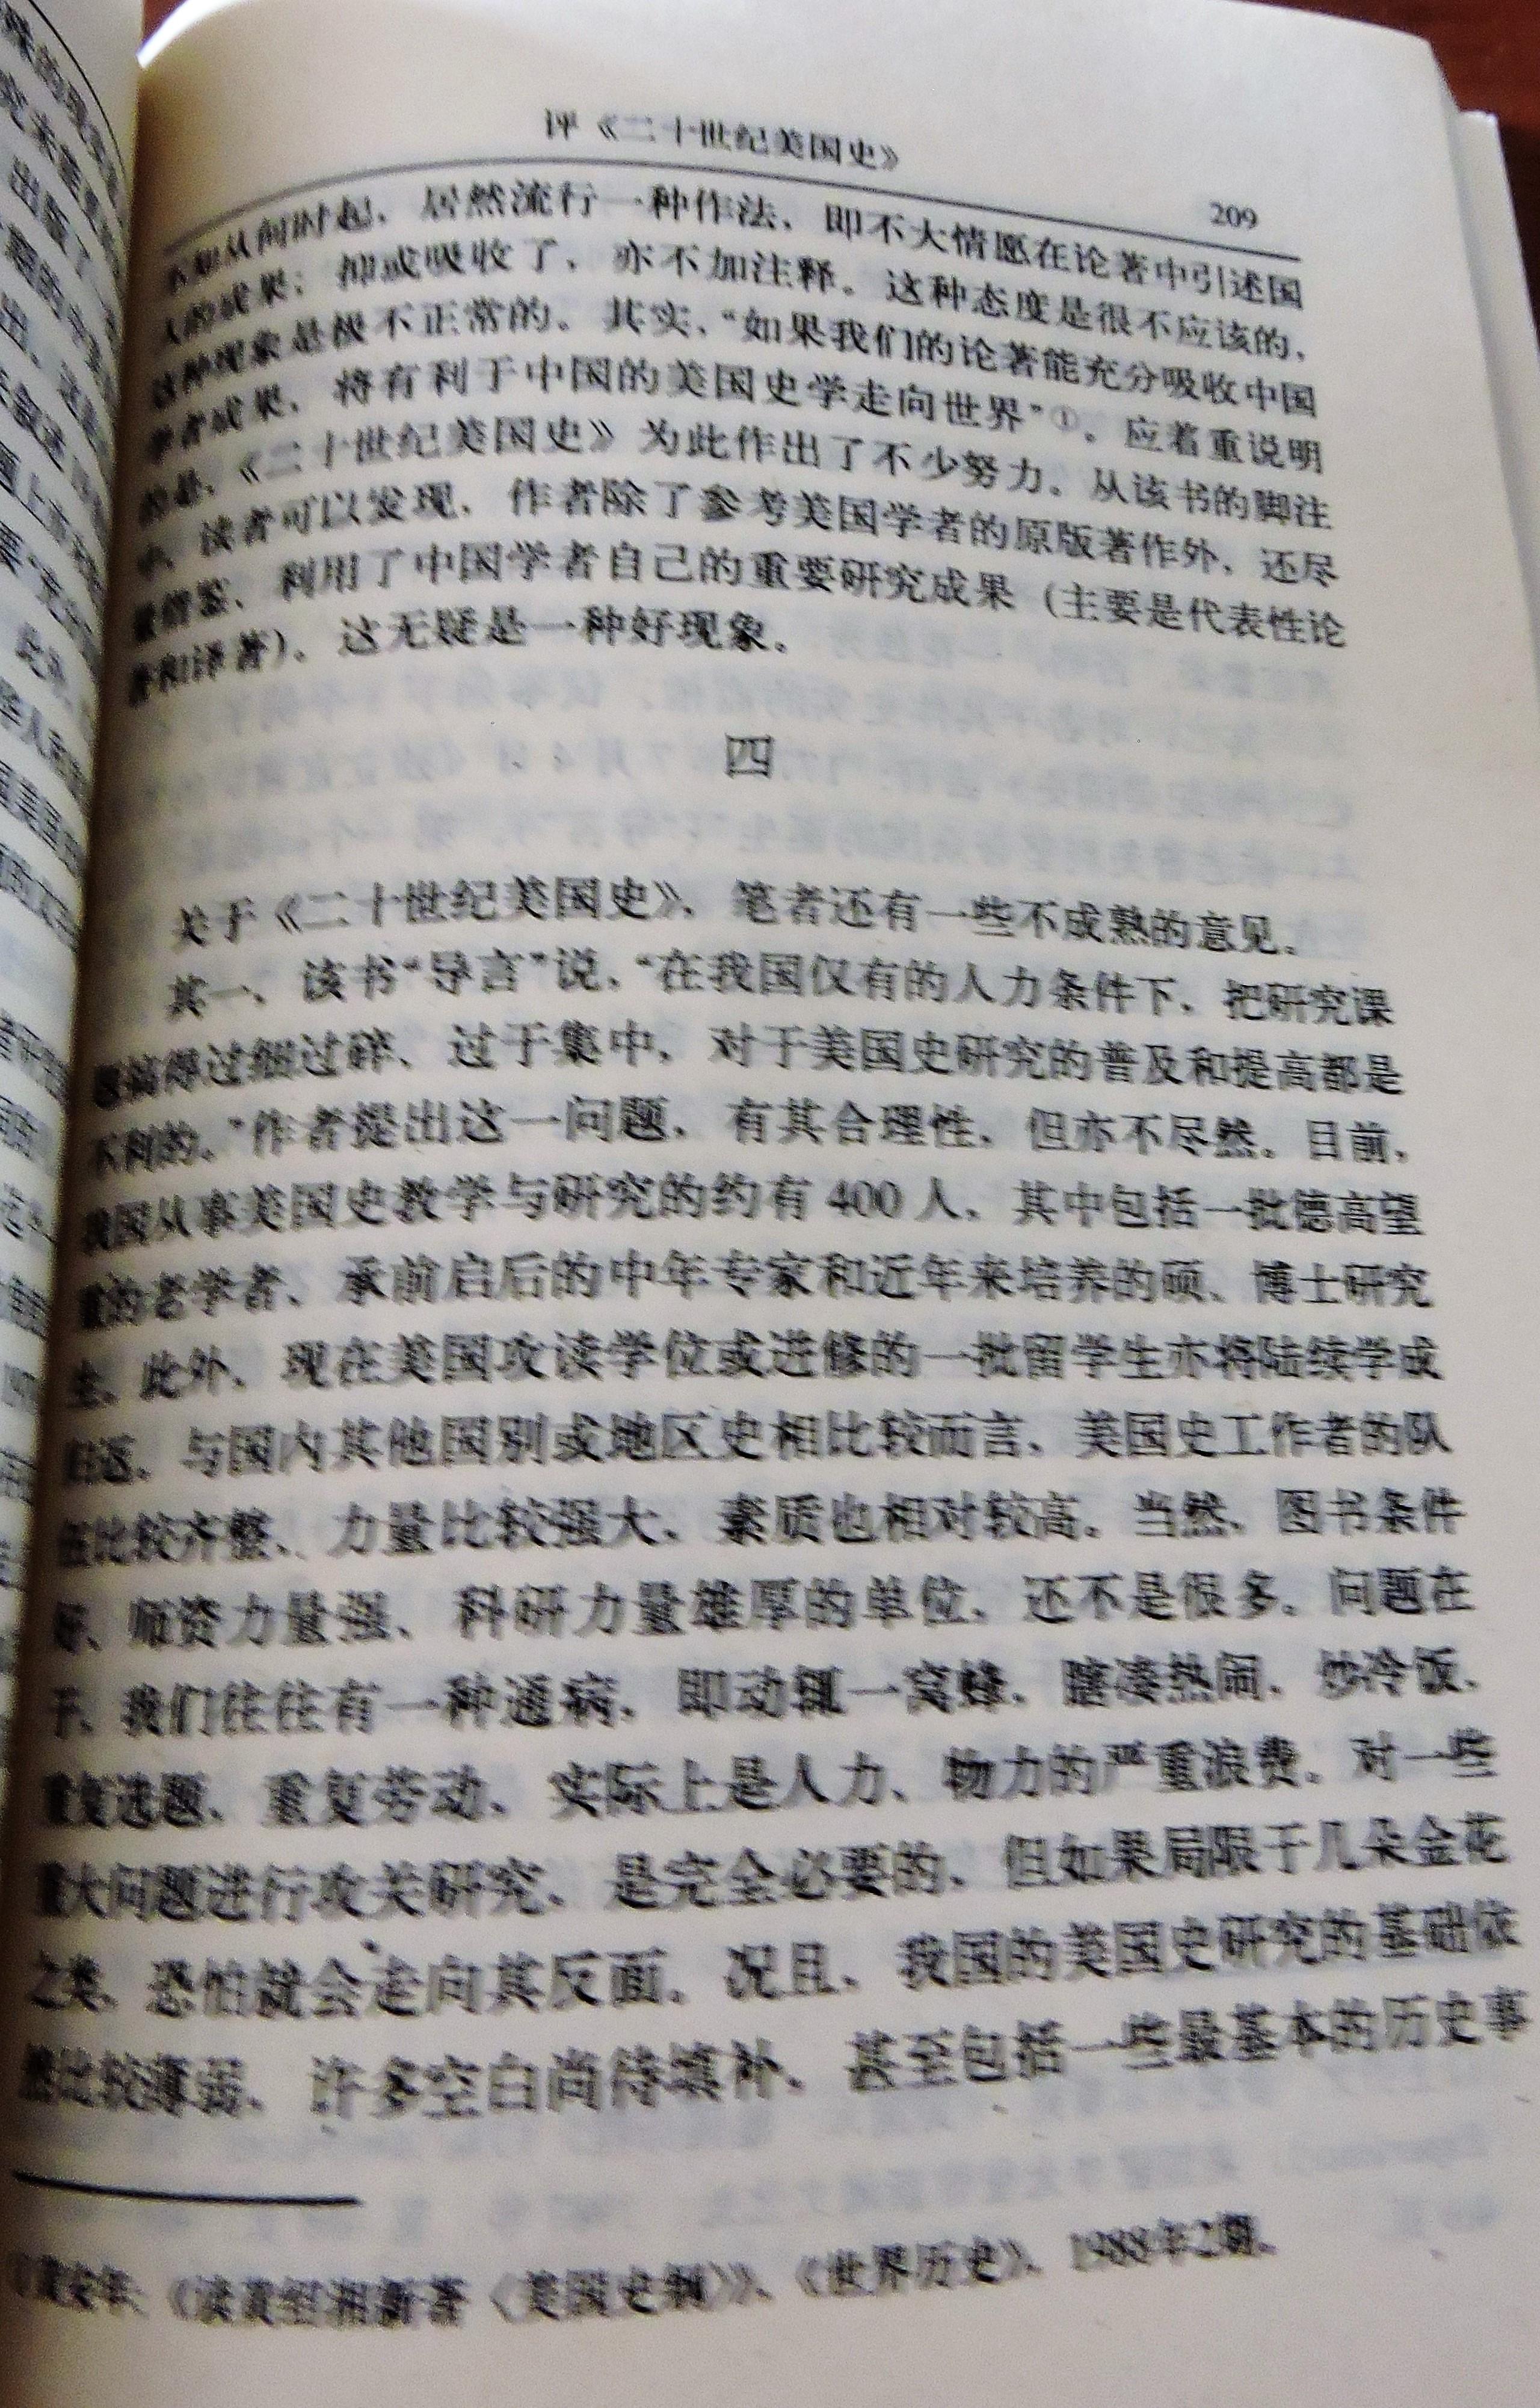 8 DSCN9193.jpg